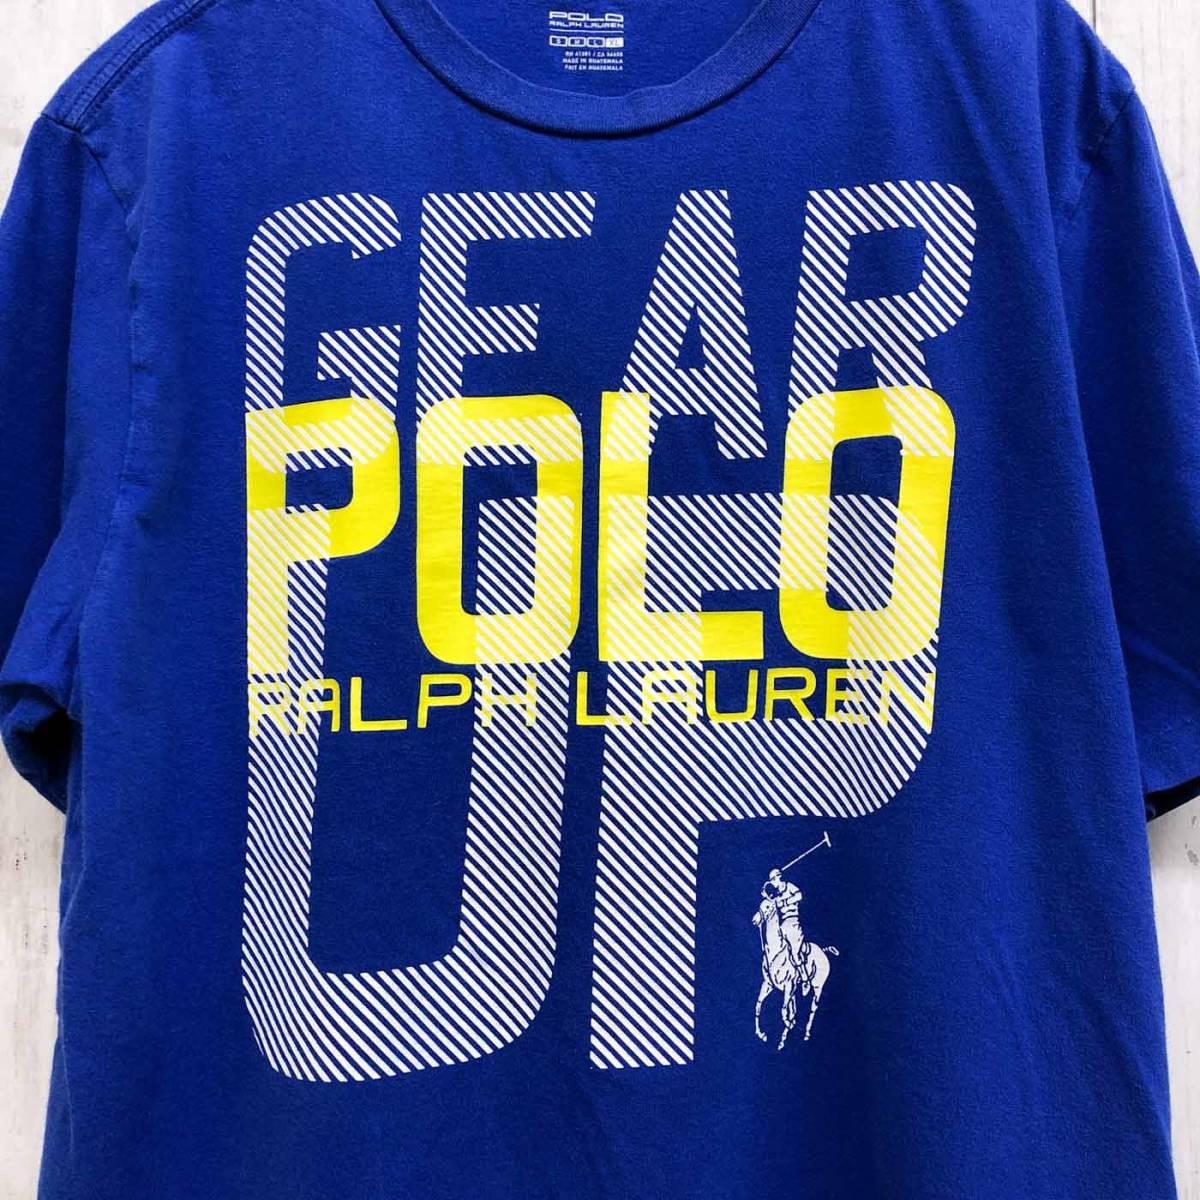 ラルフローレン POLO Ralph Lauren Polo 半袖Tシャツ メンズ ワンポイント XLサイズ 9-87_画像4